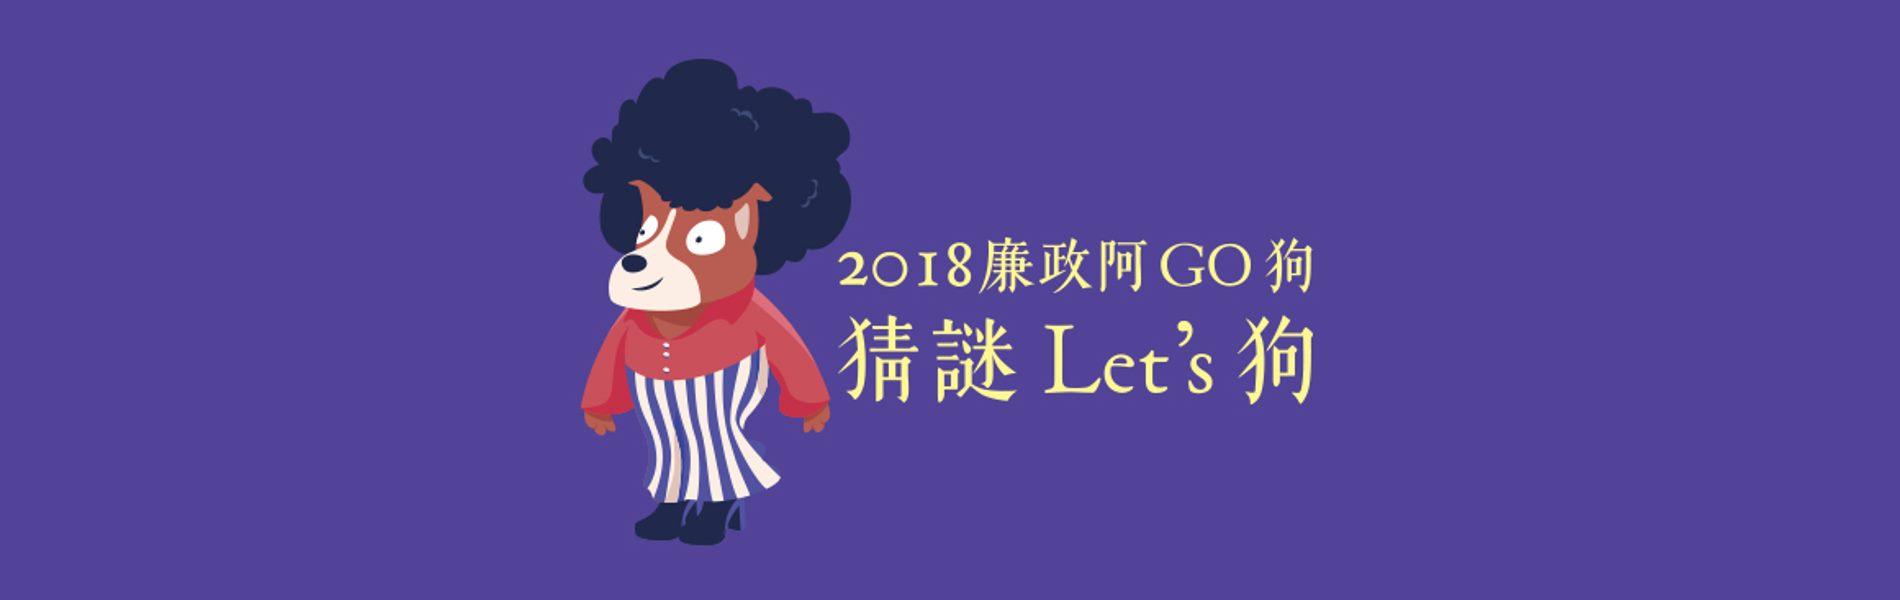 2018猜謎阿GO狗